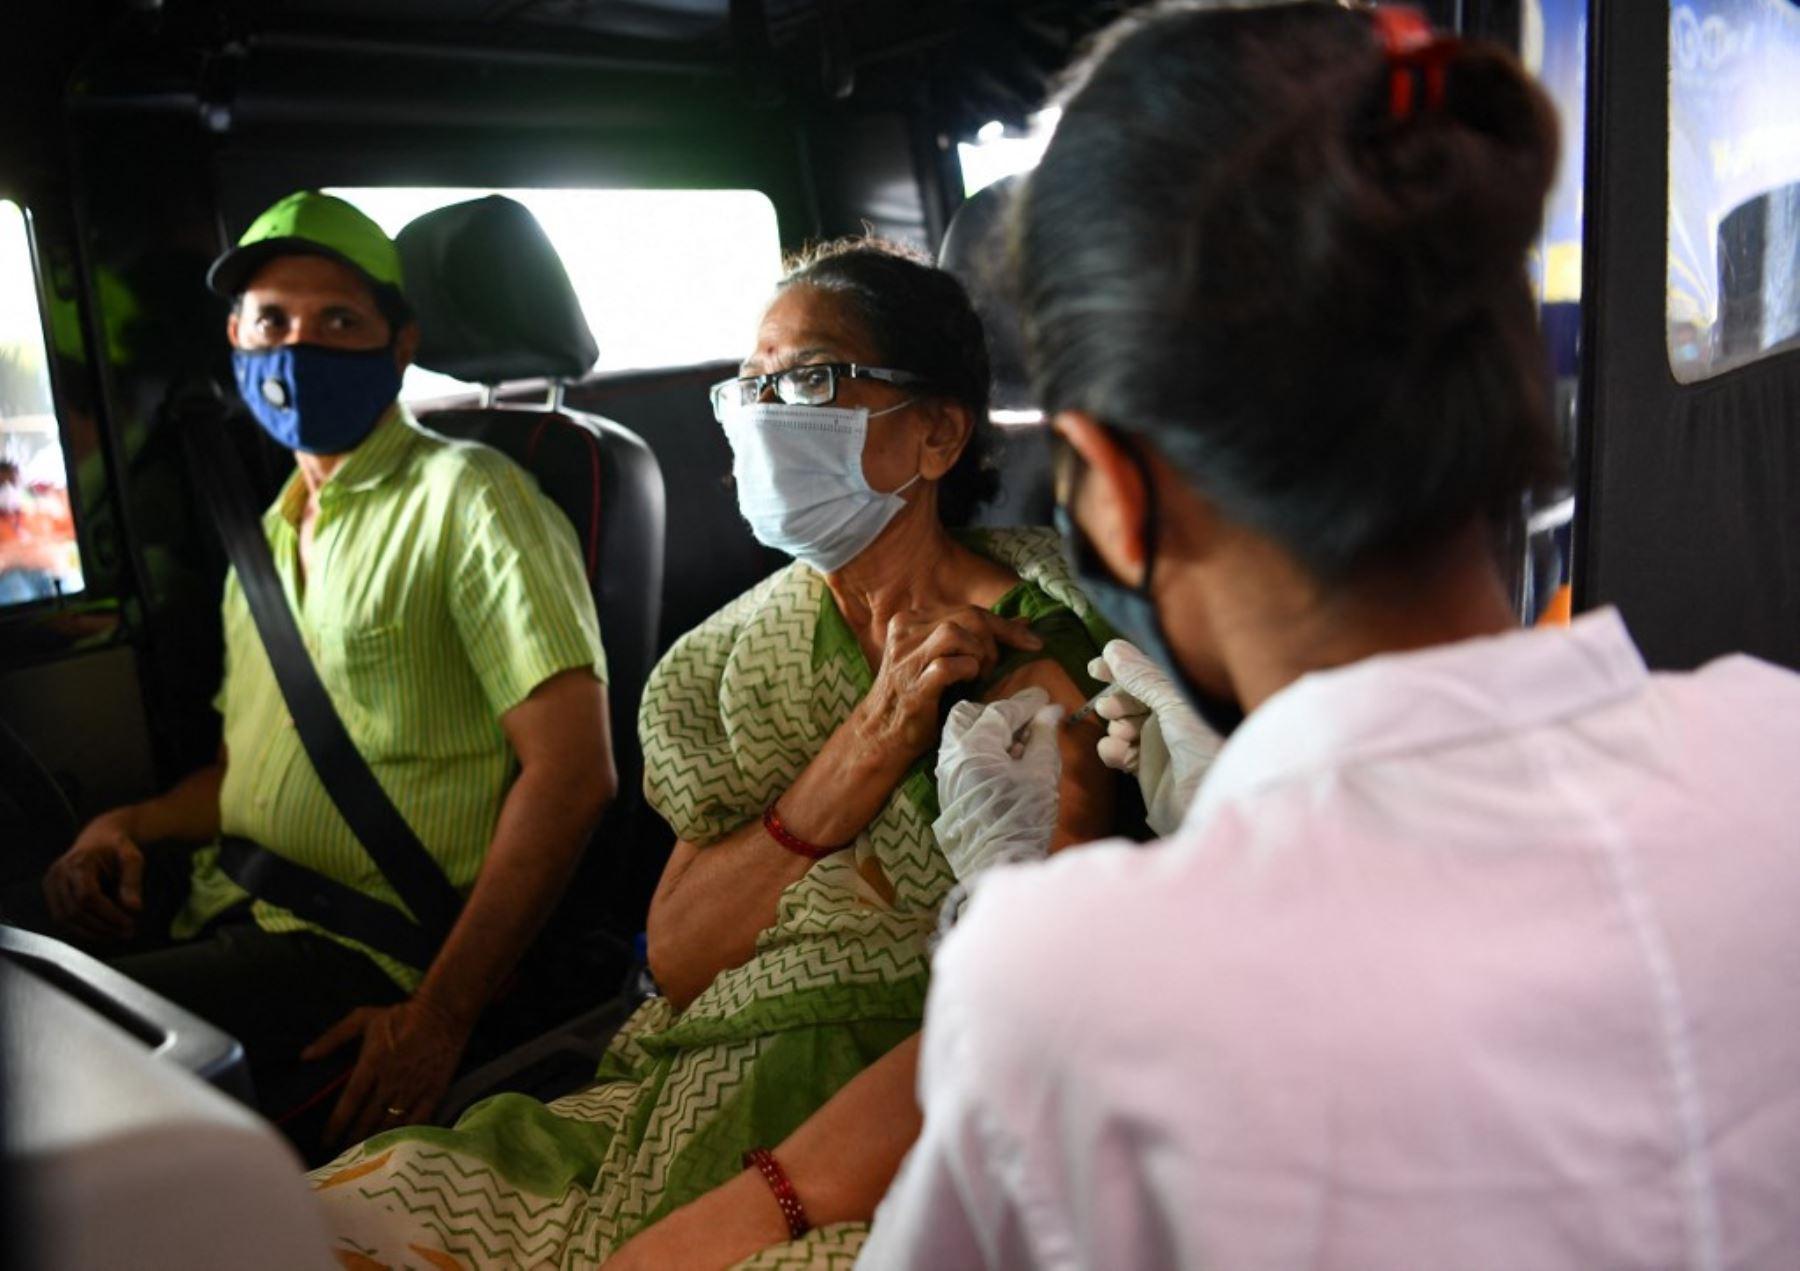 Un trabajador de salud inocula a una mujer con una dosis de una vacuna contra el coronavirus Covid-19, en un centro de vacunación dentro de un centro comercial en Mumbai. Foto: AFP